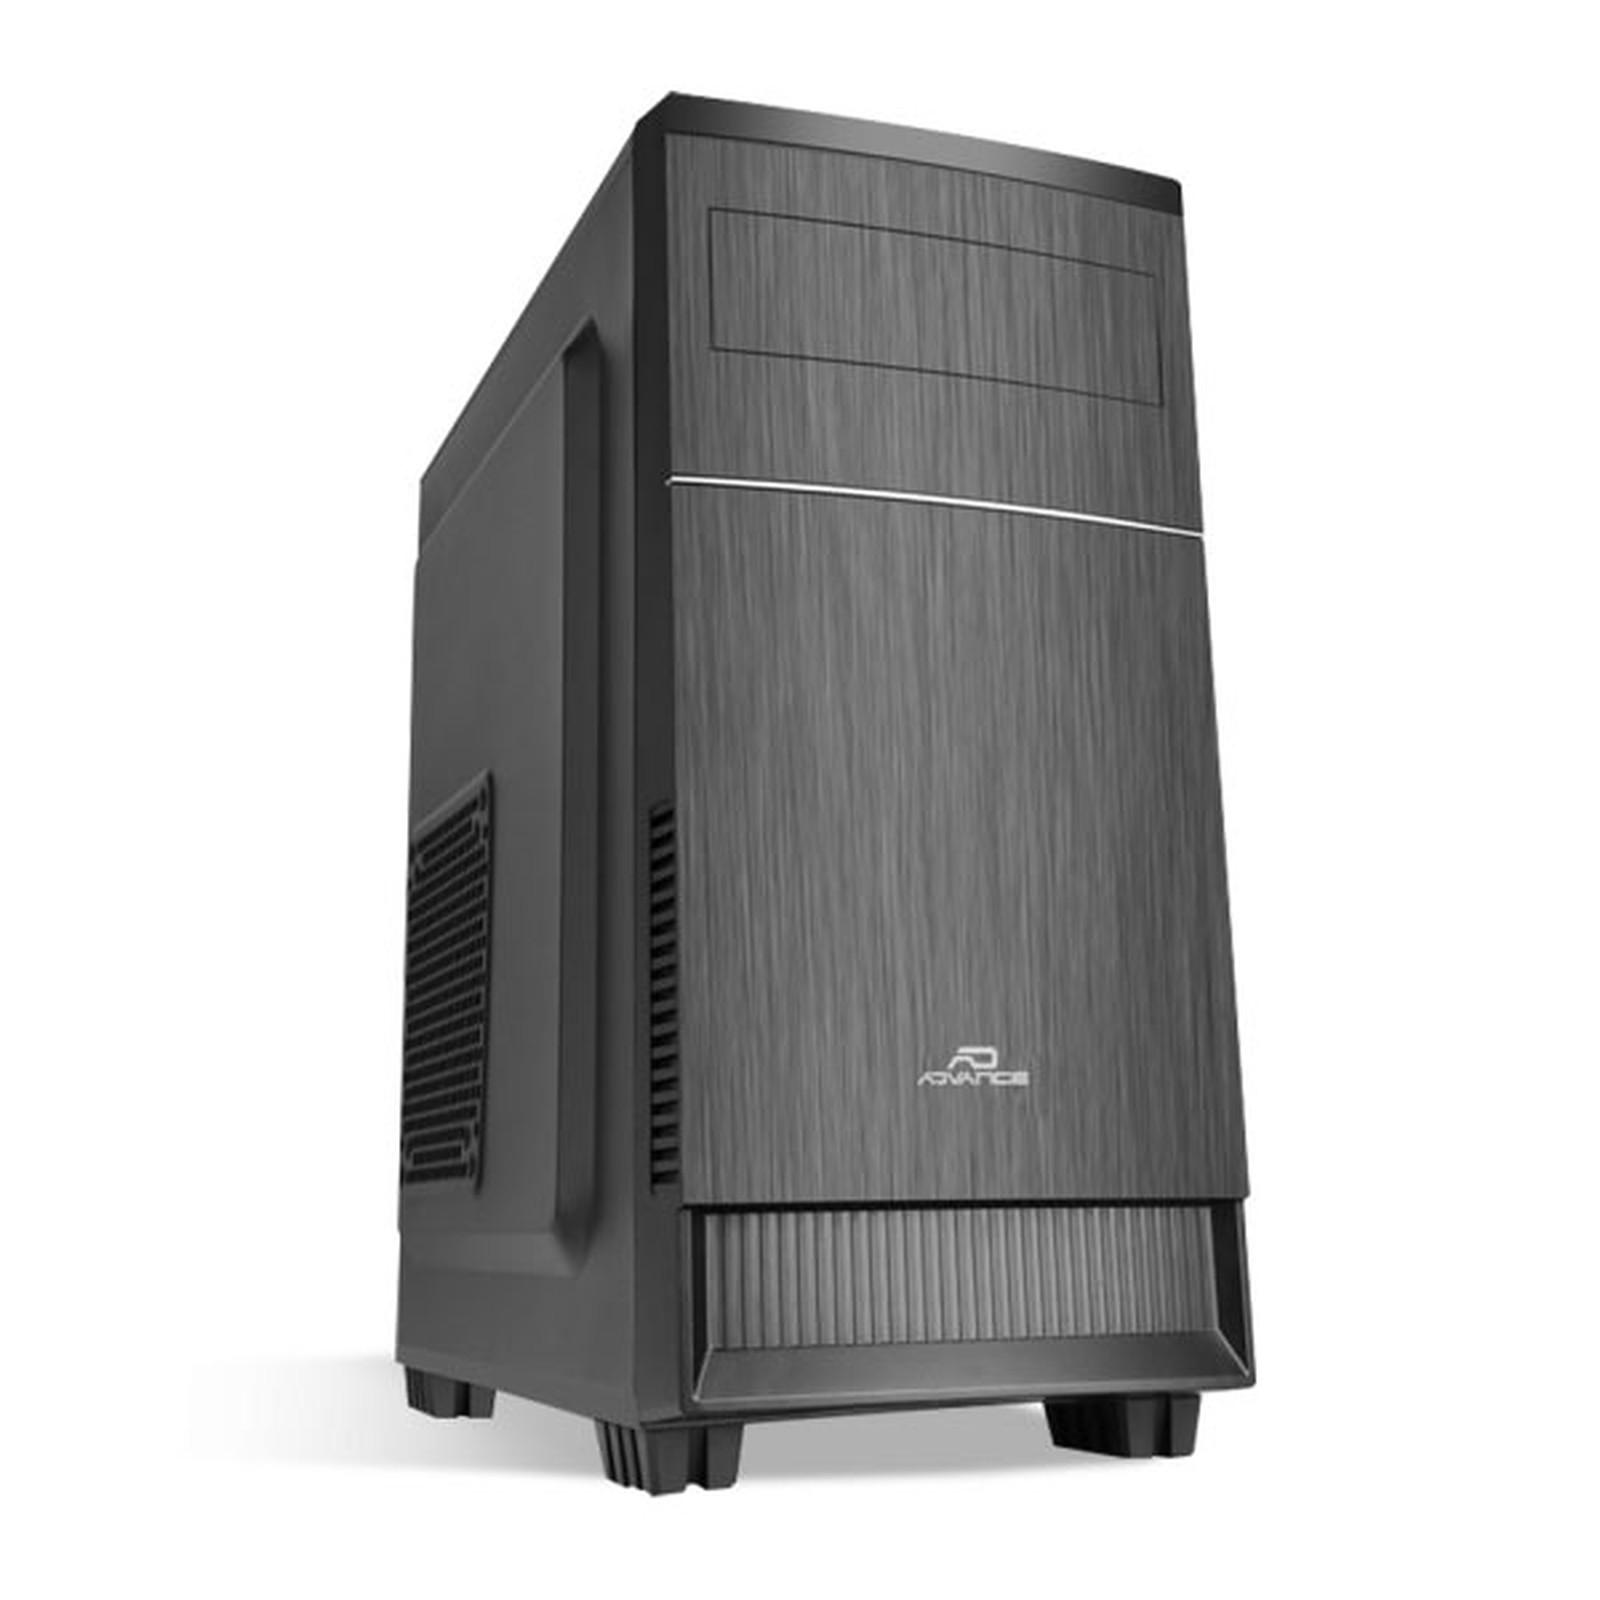 Boitier PC Micro-ATX, ADVANCE Impulse Noir sans alim, informatique ile de la Réunion 974